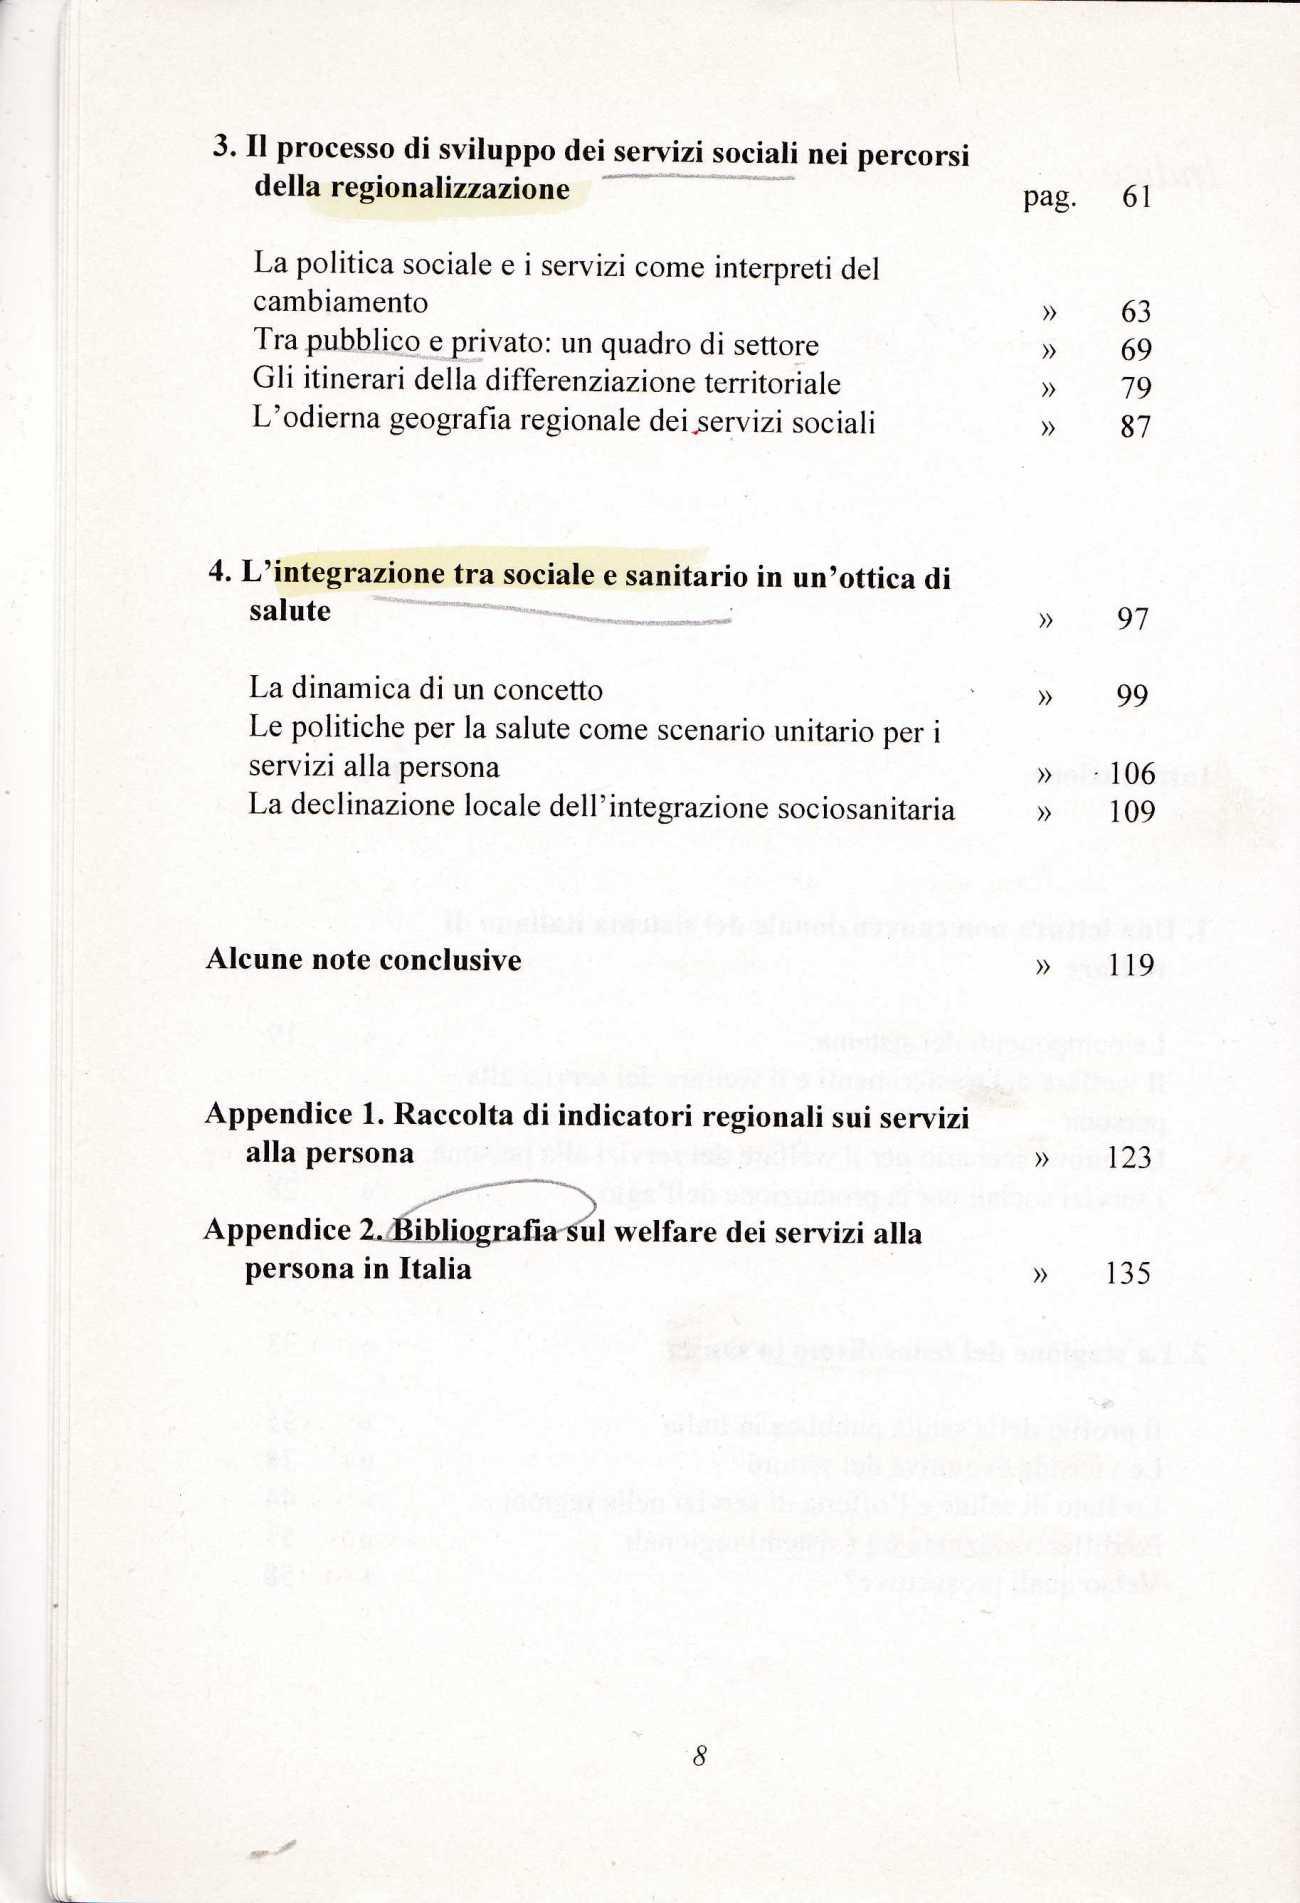 BURGALASSI2709